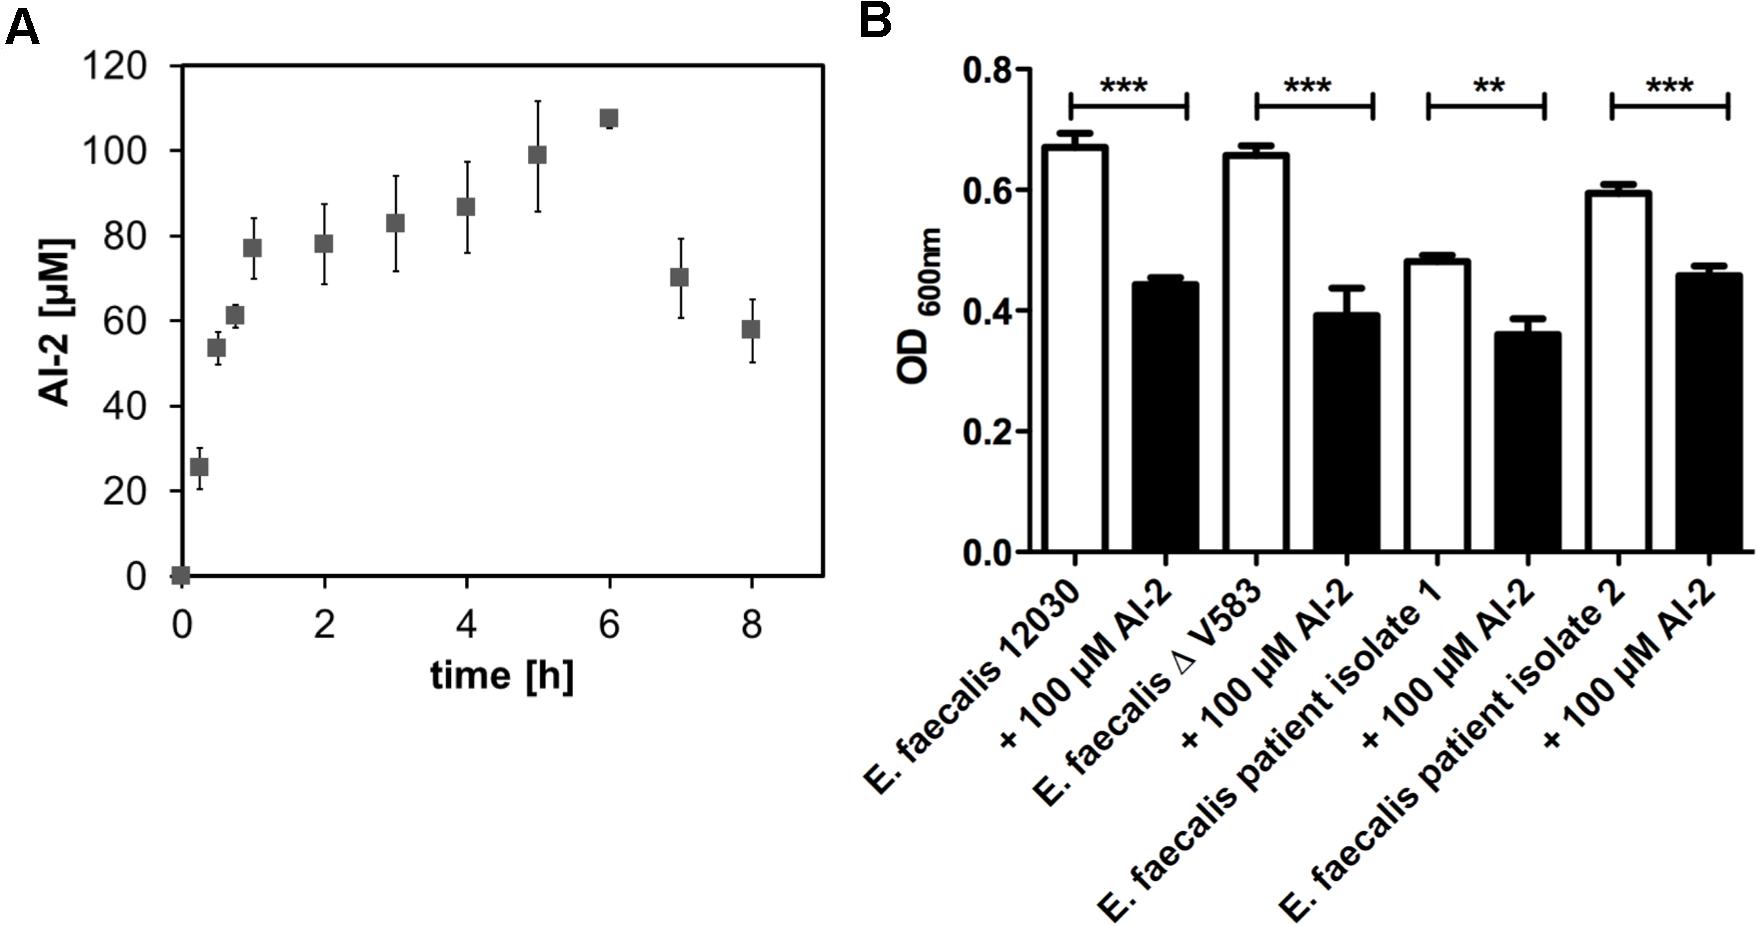 Time course of AI-2 production during growth of <i>E. faecalis</i> V583ΔABC (A) and biofilm formation of <i>E. faecalis</i> 12030, V583 ΔABC and two clinical isolates of <i>E. faecalis</i> (B).